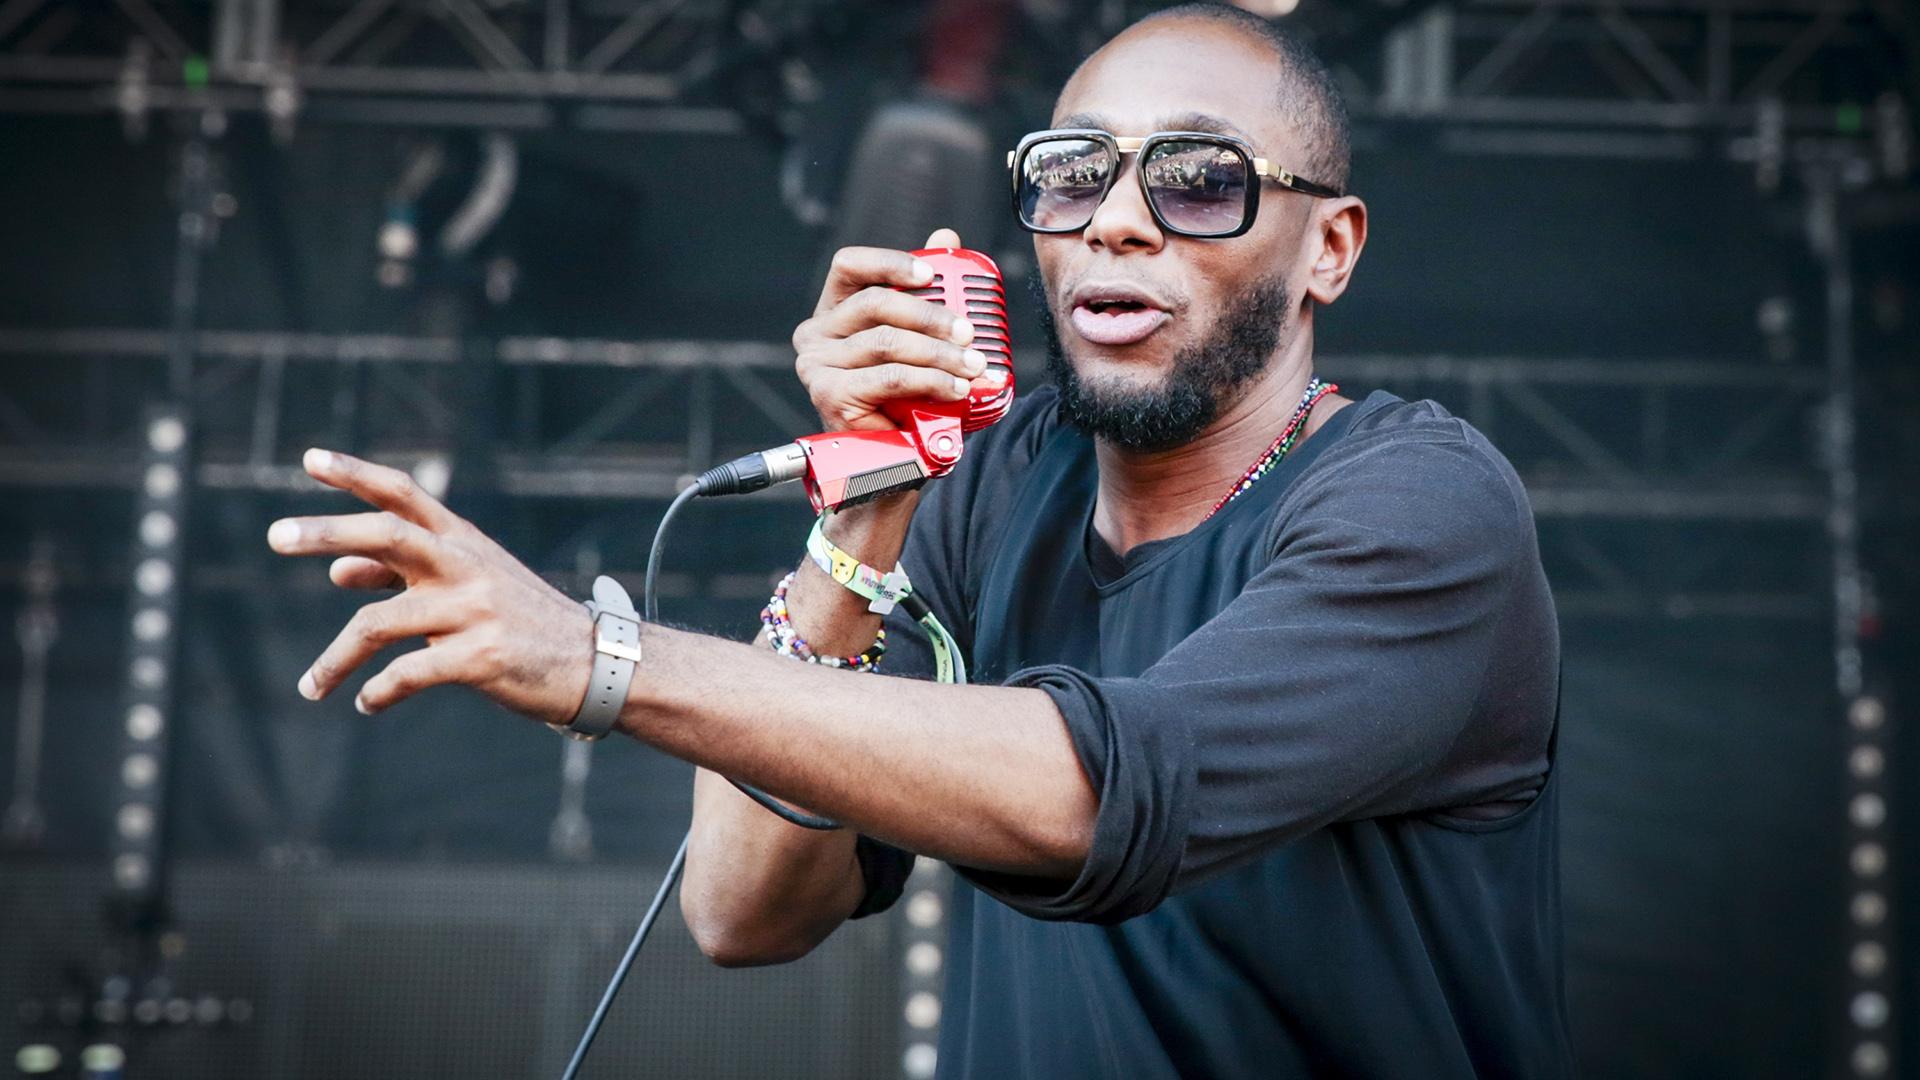 Mos Def, African American Music, Black Music, Hip Hop, KOLUMN Magazine, KOLUMN